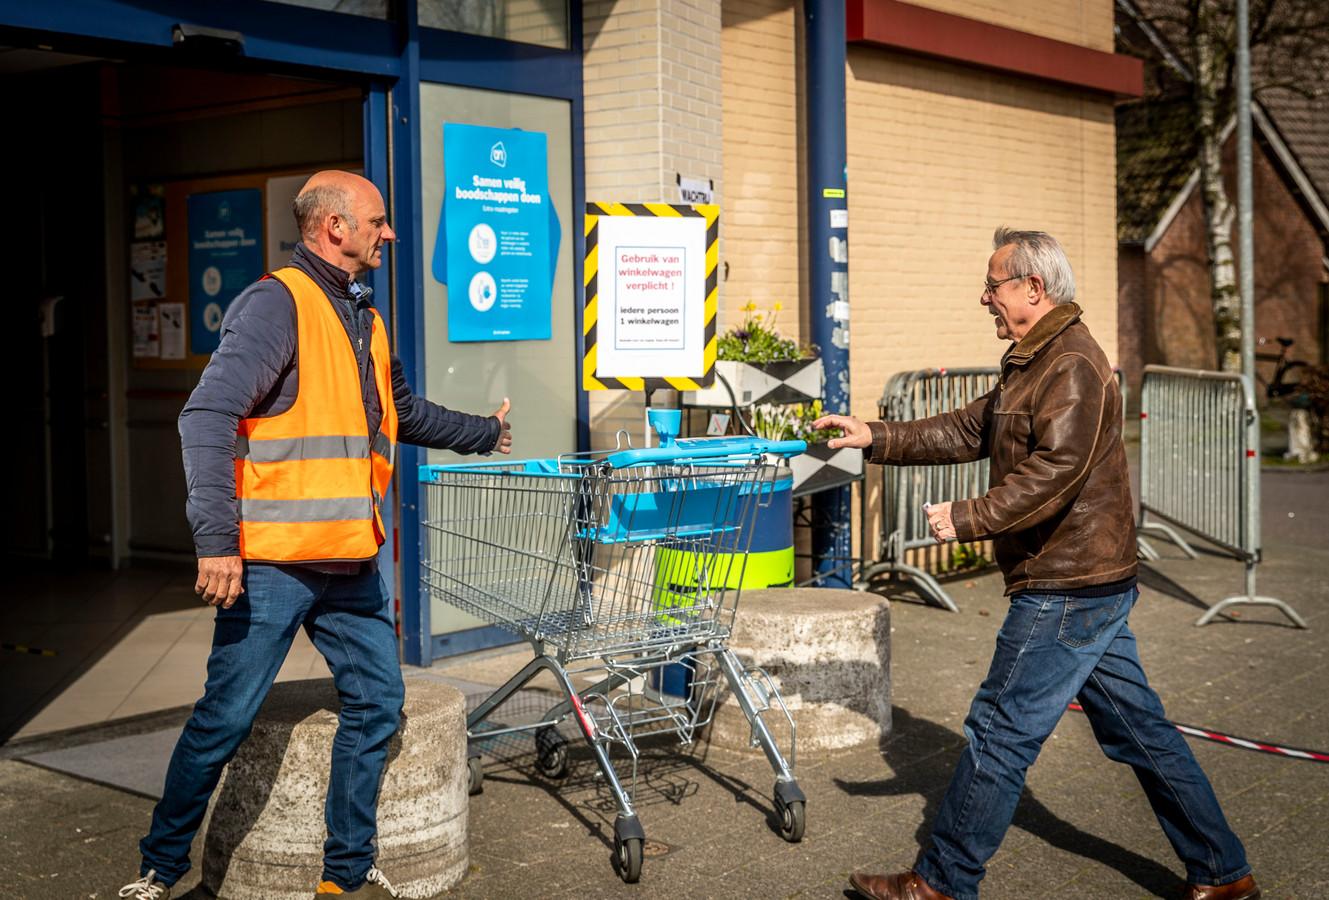 Bij de Albert Heijn in Gemert worden winkelkarren ontsmet na ieder gebruik. Elke bezoeker krijgt bij binnenkomst een schone winkelwagen